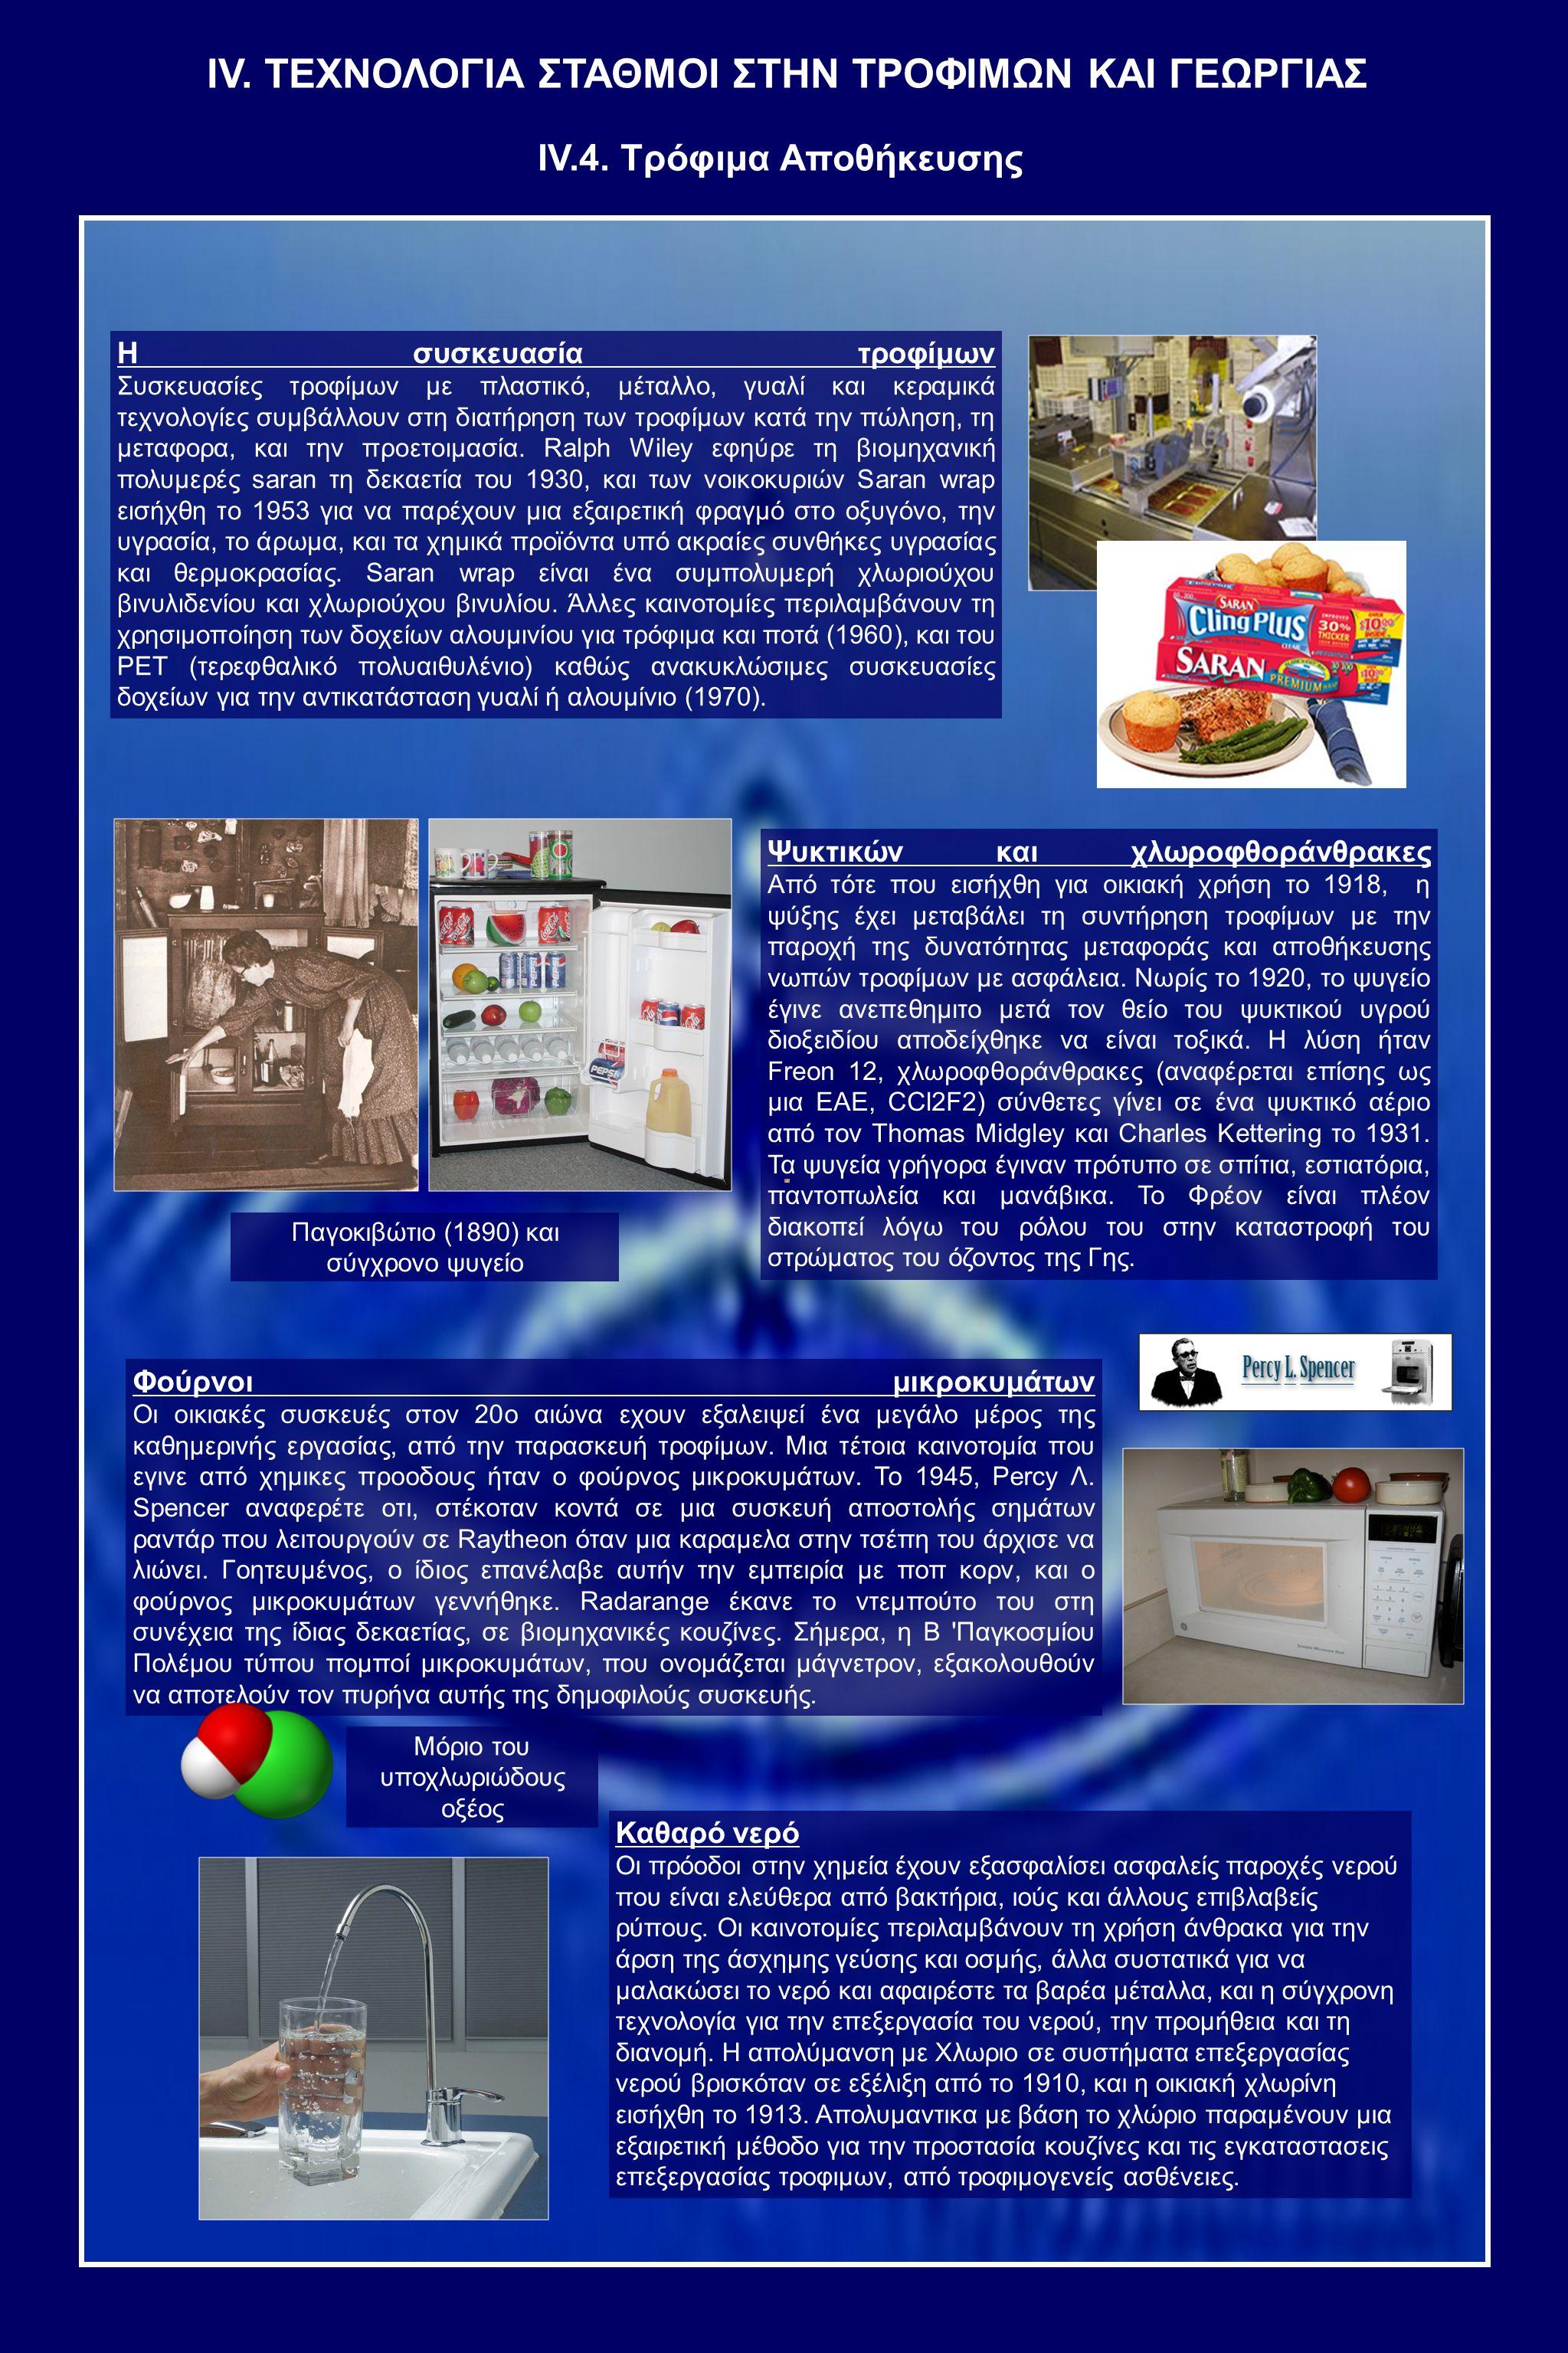 Η συσκευασία τροφίμων Συσκευασίες τροφίμων με πλαστικό, μέταλλο, γυαλί και κεραμικά τεχνολογίες συμβάλλουν στη διατήρηση των τροφίμων κατά την πώληση, τη μεταφορα, και την προετοιμασία.